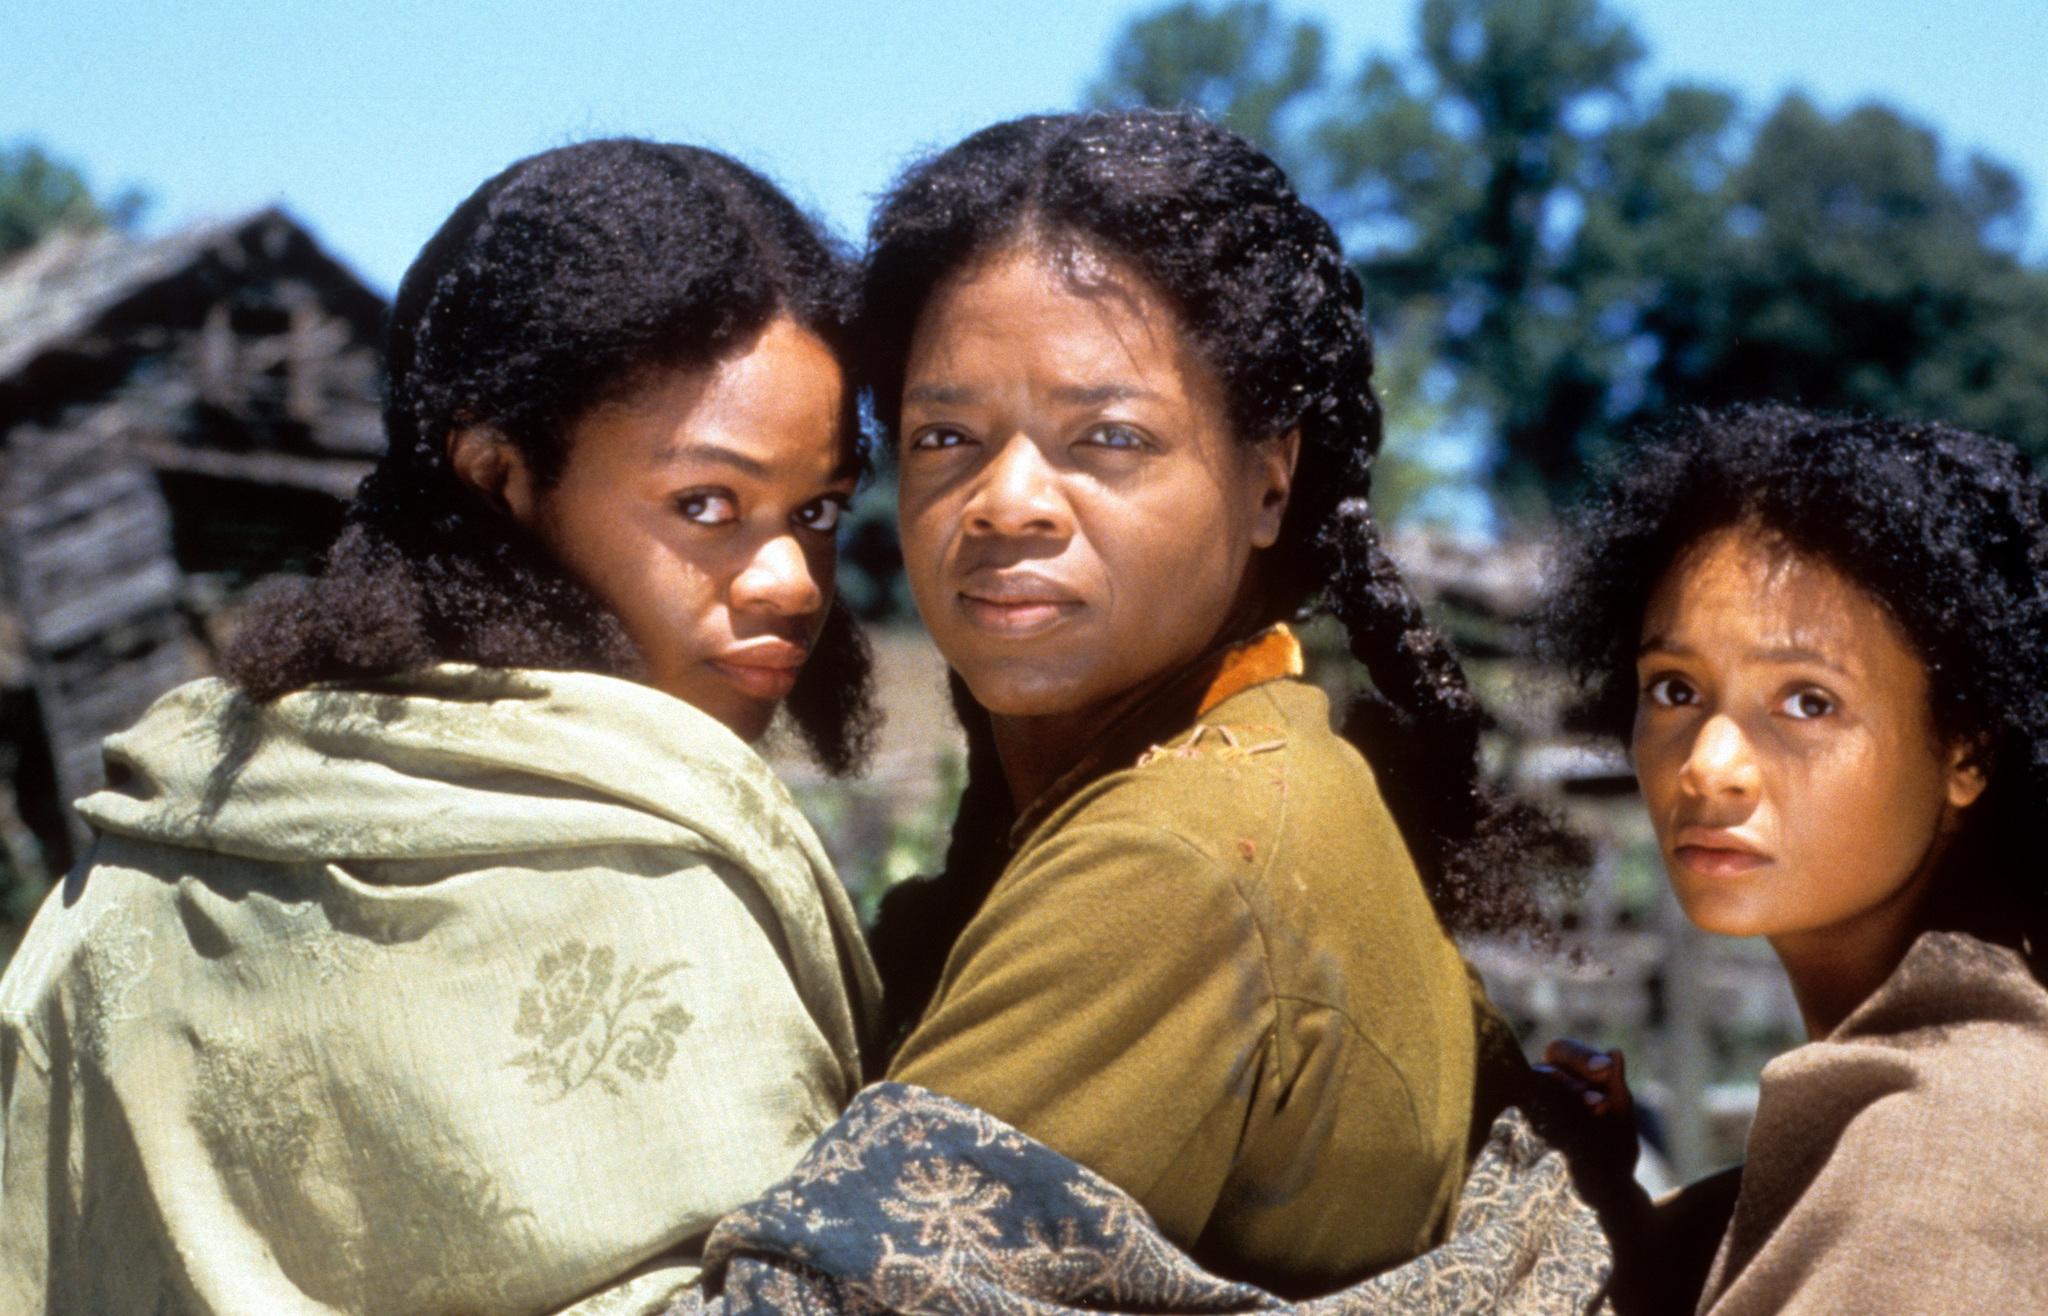 Oprah Winfrey, Kimberly Elise, and Thandiwe Newton in Beloved (1998)